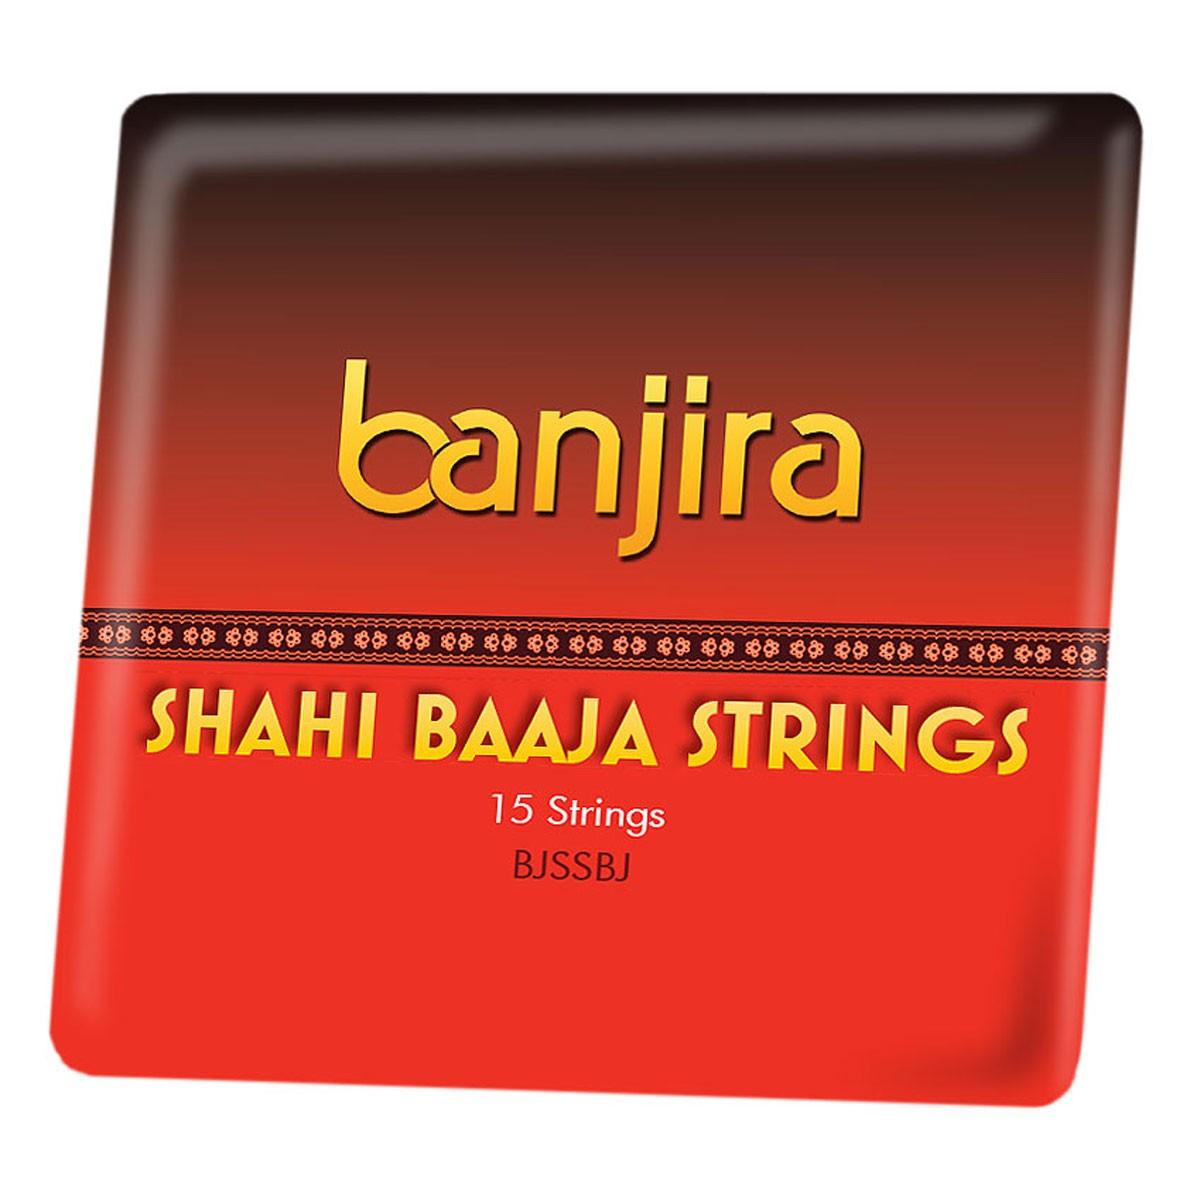 banjira Shahi Baaja String Set